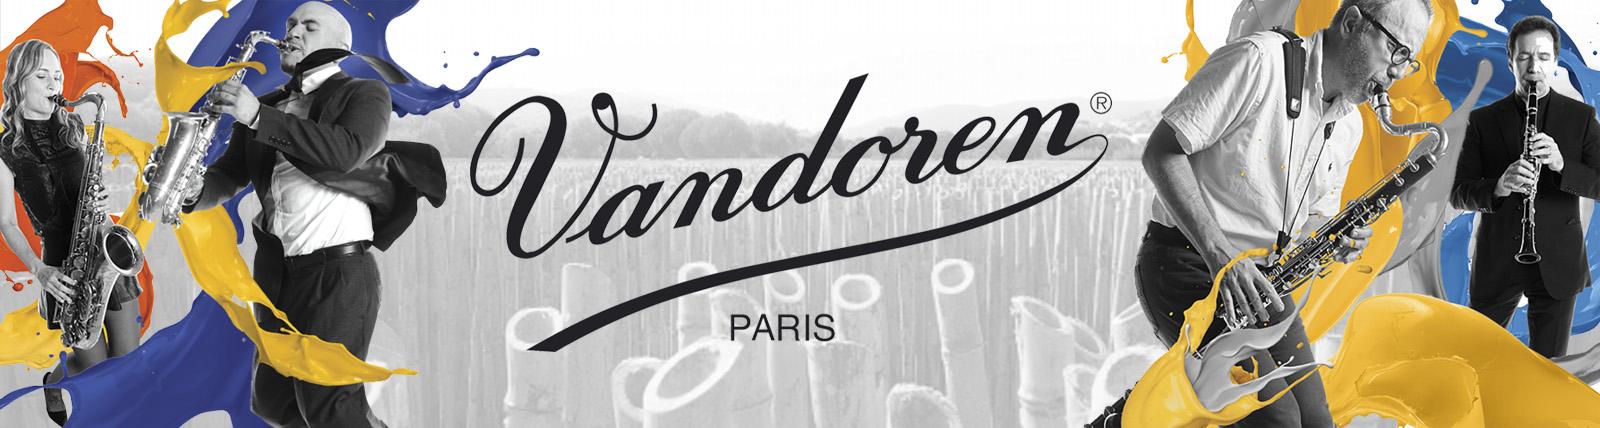 Banner Vandoren